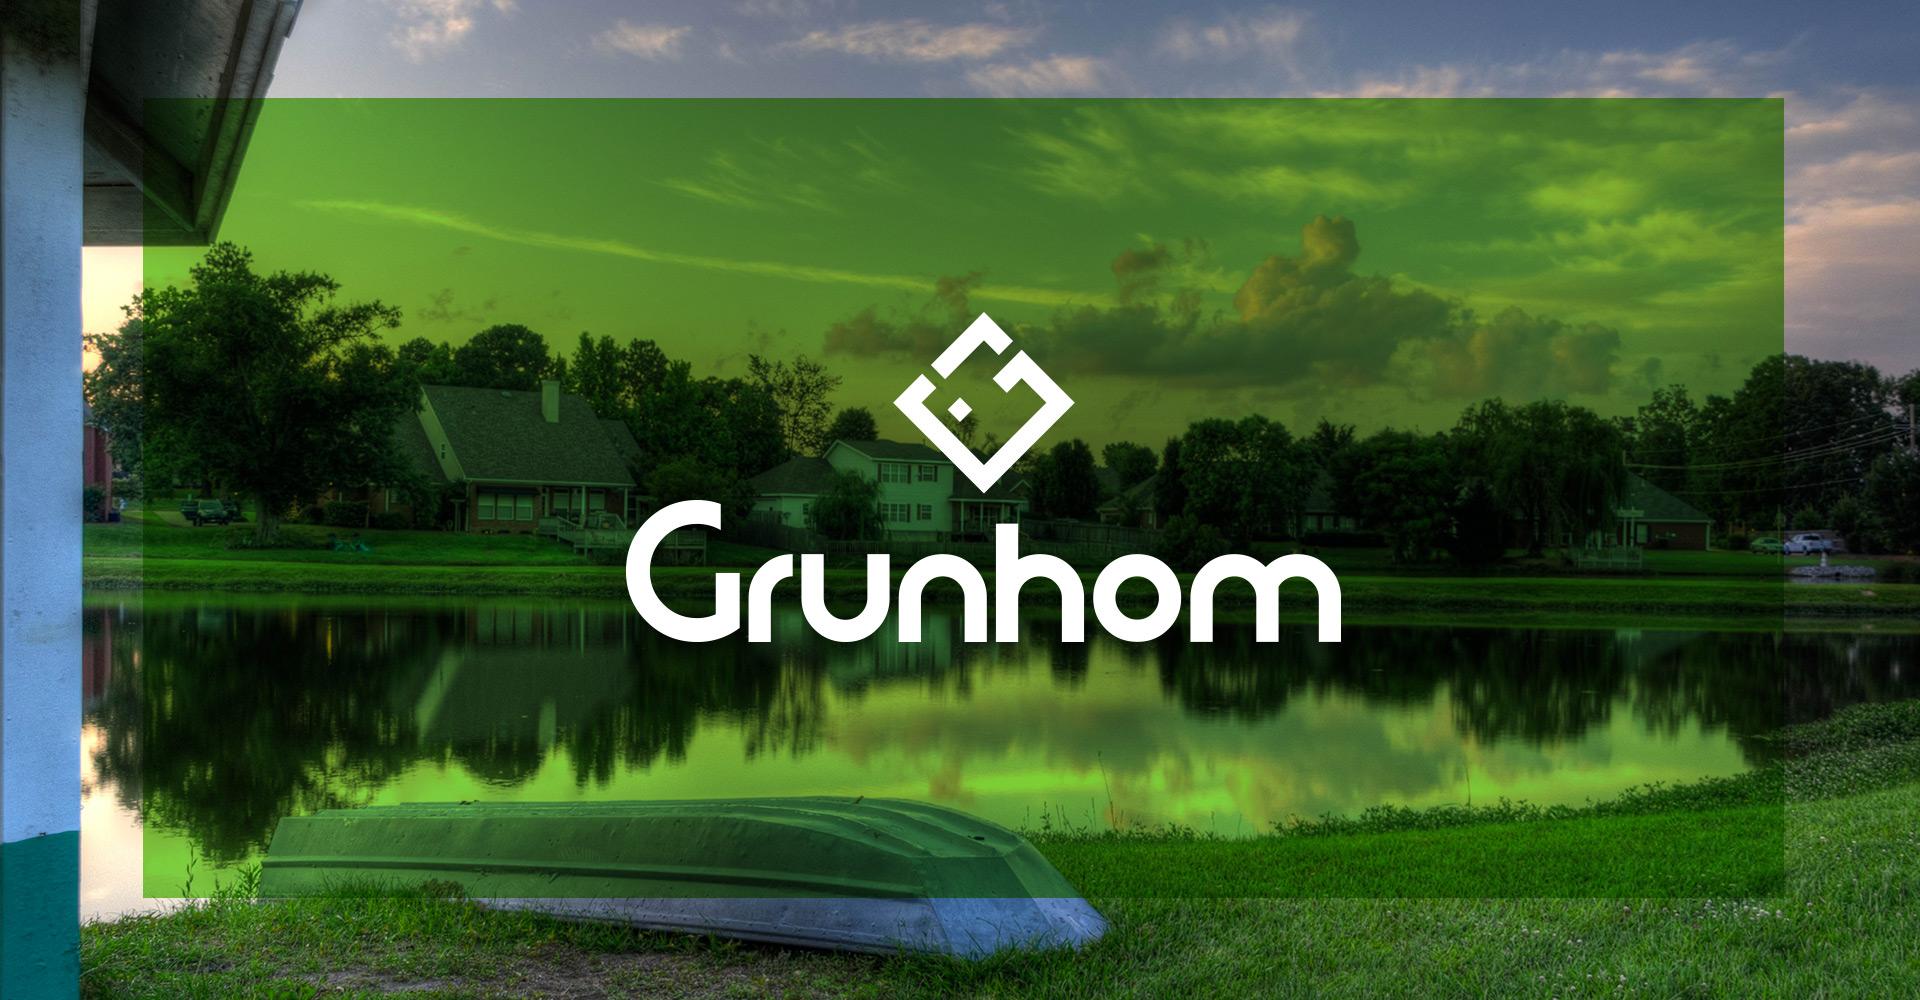 grunhom-studio-polette-graphiste-webdesigner-freelance-strasbourg-01